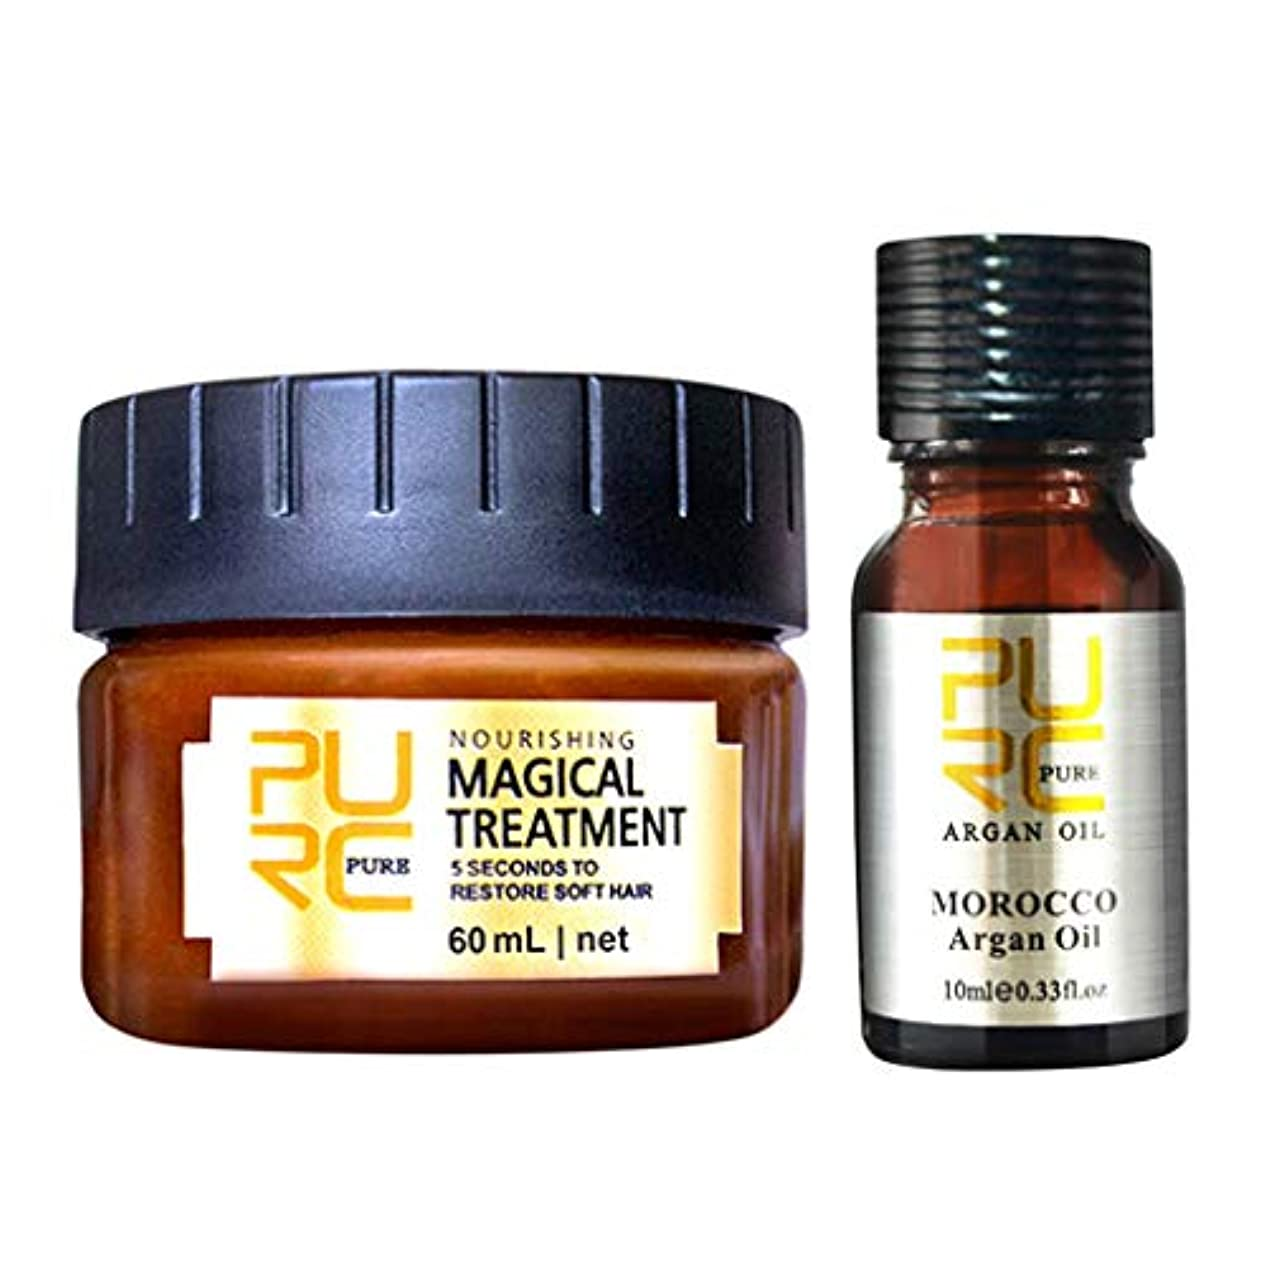 センター虫を数えるノイズSakuraBest PURC Magical Keratin Hair Treatment Mask 5 Seconds Repairs Damage Hair Root Hair Tonic Keratin Hair...